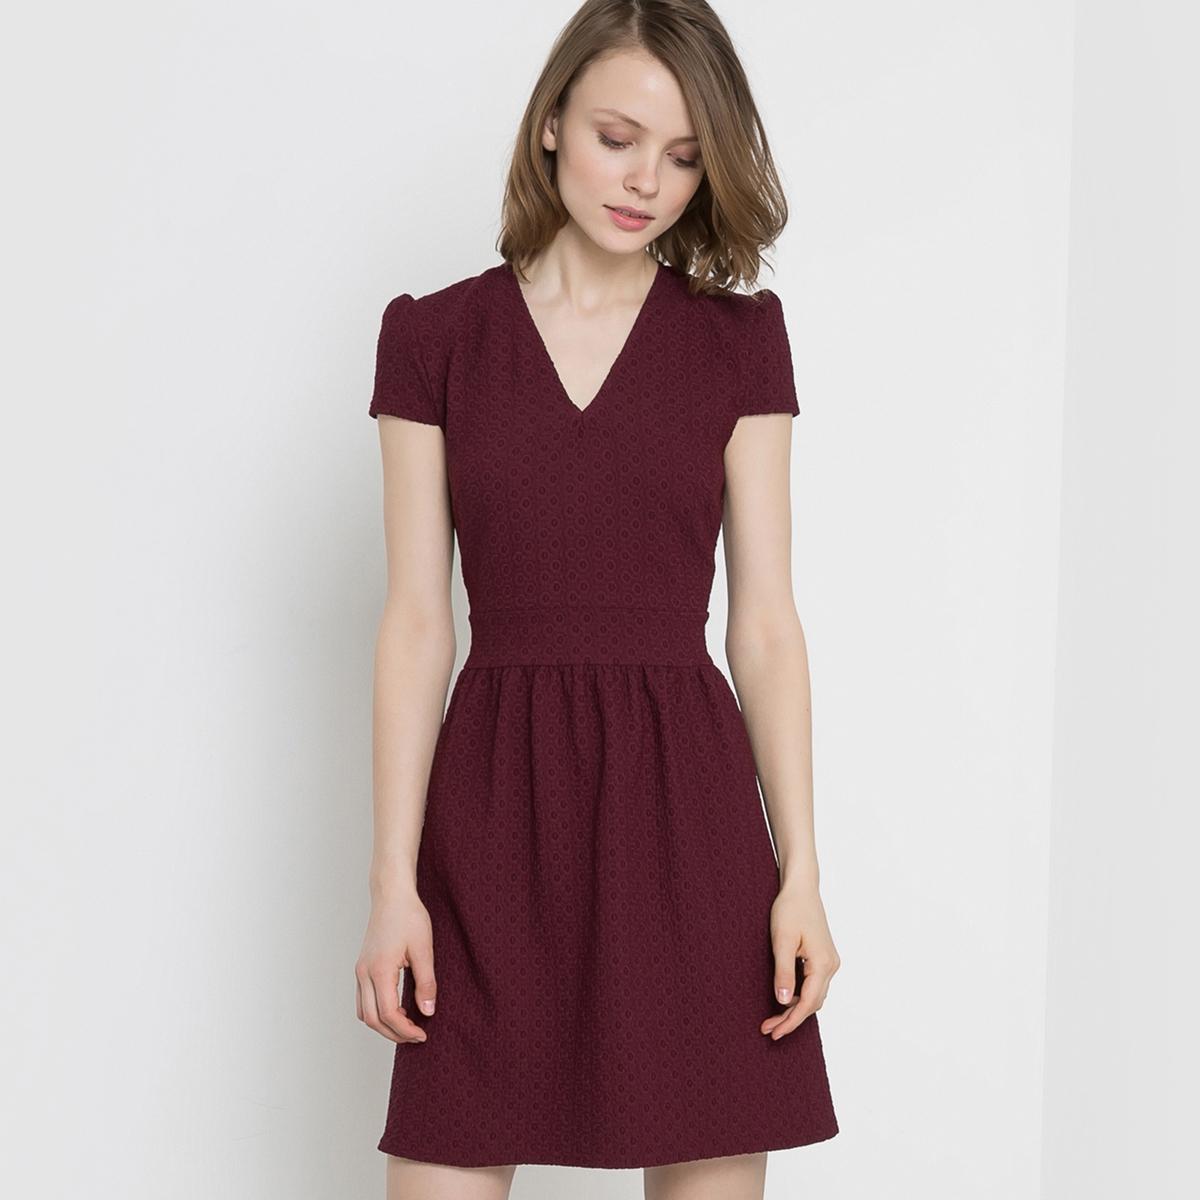 Платье жаккардовоеЖаккардовое платье с геометрическим структурным рисунком в тон. Короткие рукава. V-образный вырез спереди. Отрезное по талии, подчеркнуто складками. Потайная застежка на молнию сзади.  Состав и описание Материал : 51% вискозы, 46% полиэстера, 3% эластанаДлина : 90 смУходМашинная стирка при 30 °C с вещами схожих цветовСтирать и гладить с изнаночной стороны Машинная сушка в умеренном режиме Гладить при низкой температуре<br><br>Цвет: бордовый,зеленый,красный,темно-синий<br>Размер: 44 (FR) - 50 (RUS).42 (FR) - 48 (RUS).40 (FR) - 46 (RUS).44 (FR) - 50 (RUS).42 (FR) - 48 (RUS).40 (FR) - 46 (RUS).38 (FR) - 44 (RUS).44 (FR) - 50 (RUS).42 (FR) - 48 (RUS).40 (FR) - 46 (RUS)